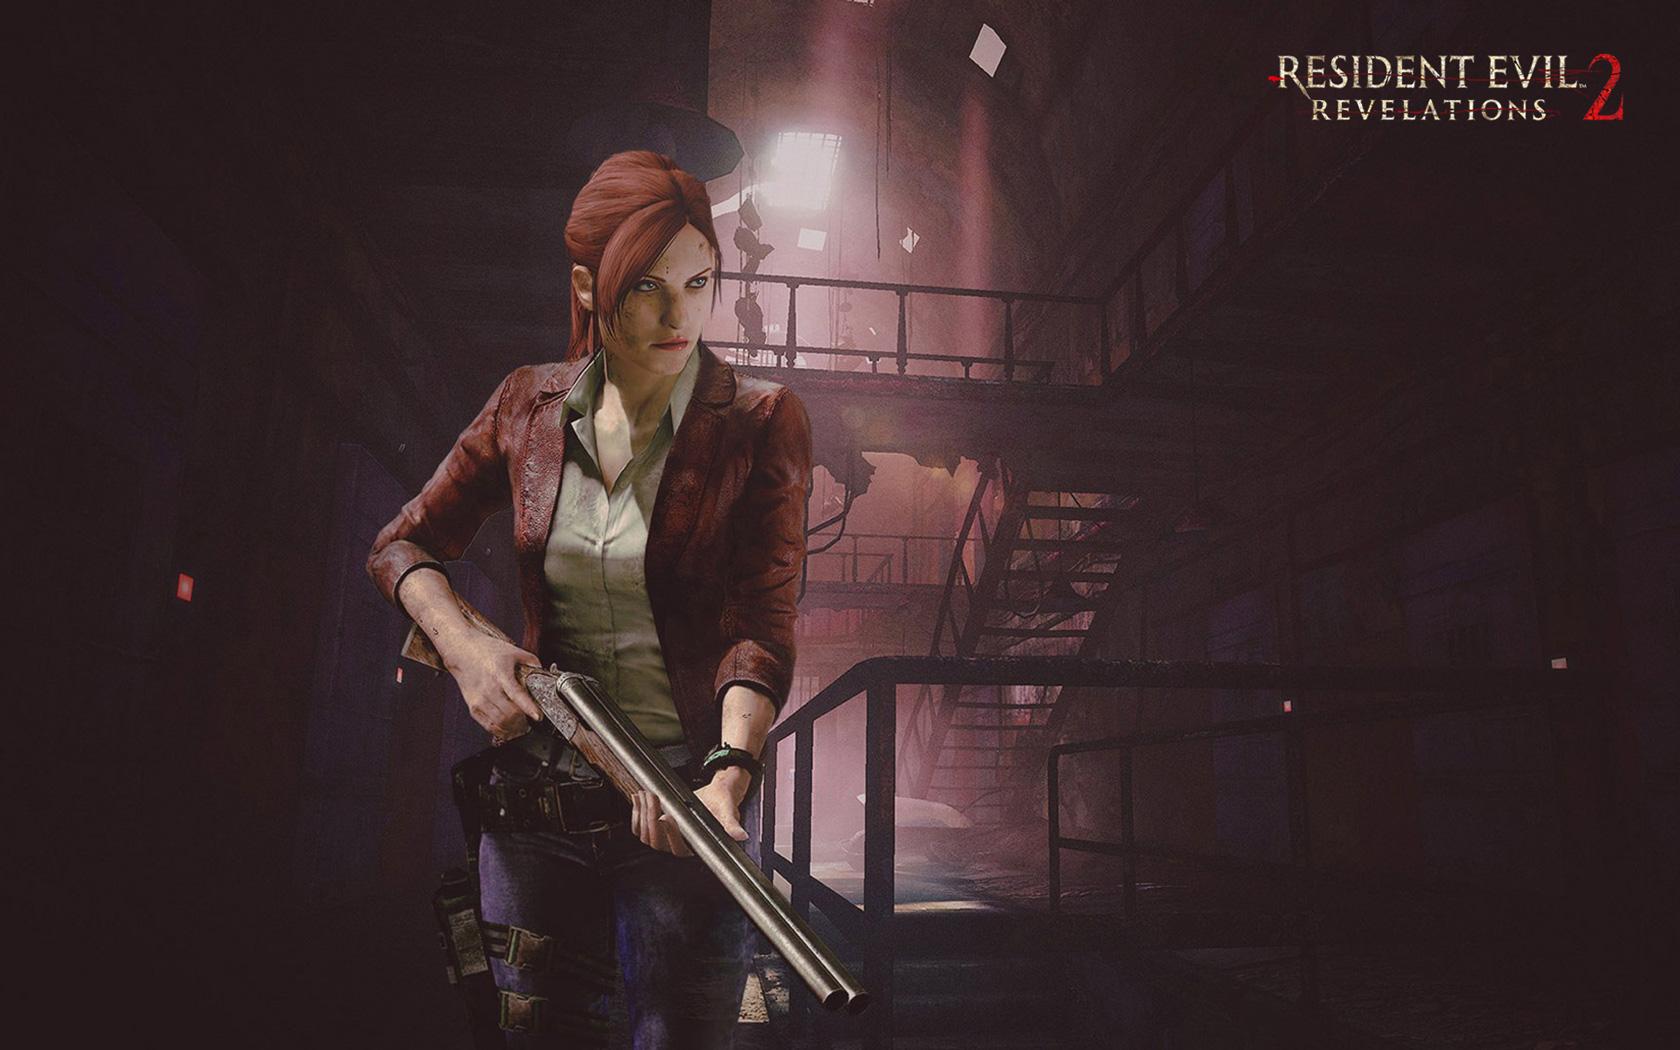 Free Resident Evil: Revelations 2 Wallpaper in 1680x1050